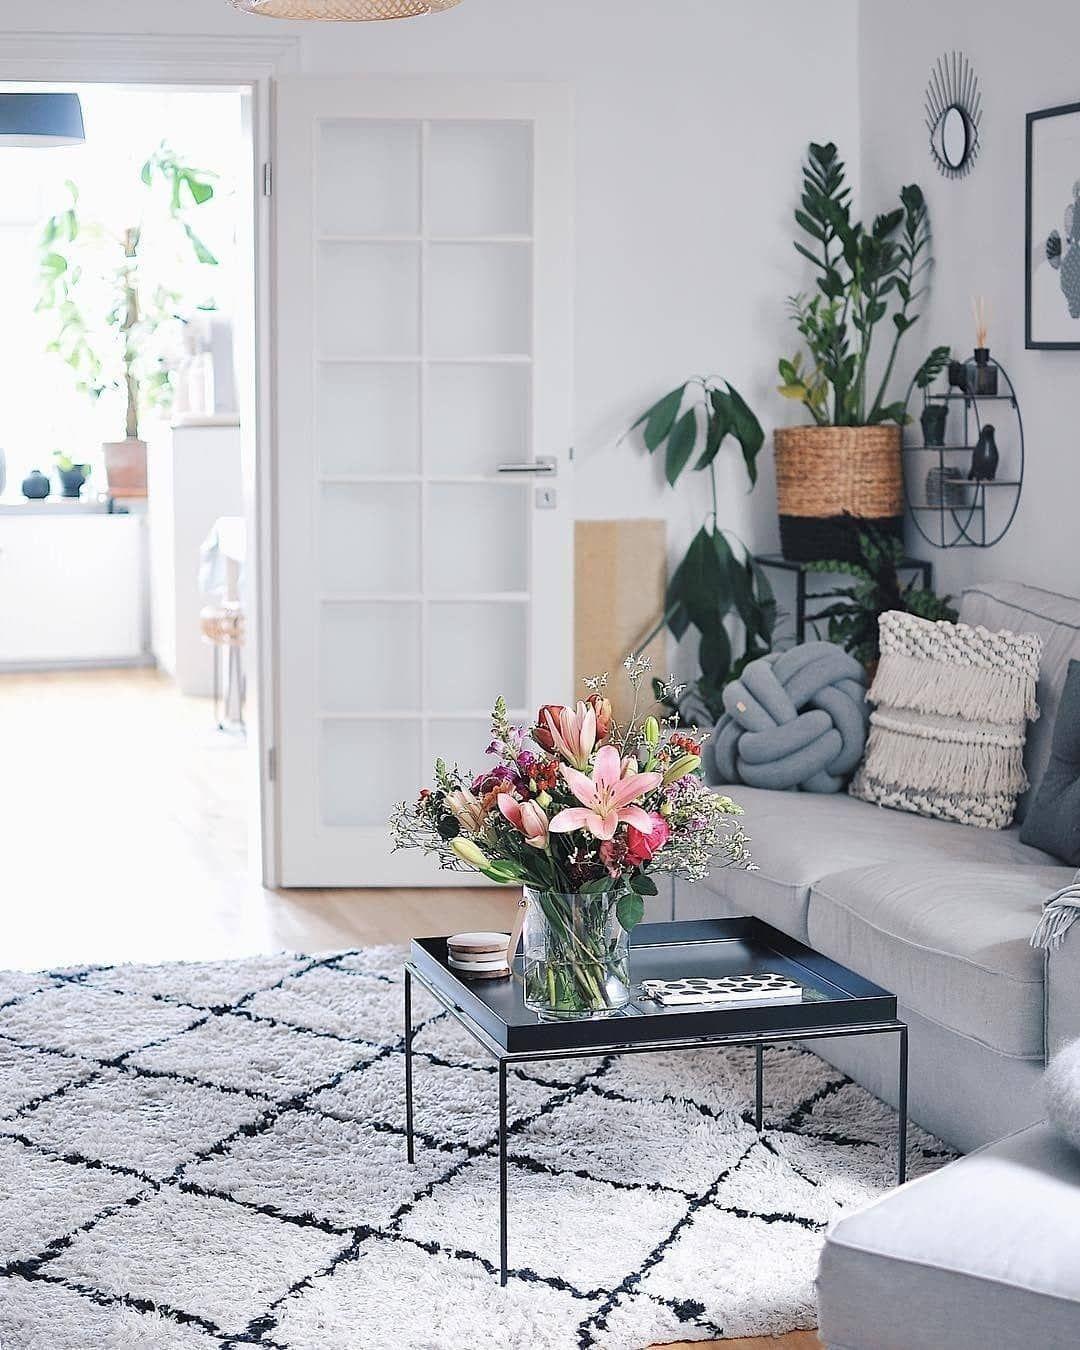 Un tappeto che rende l'ambiente luminoso 💐 🛍 Acquistate